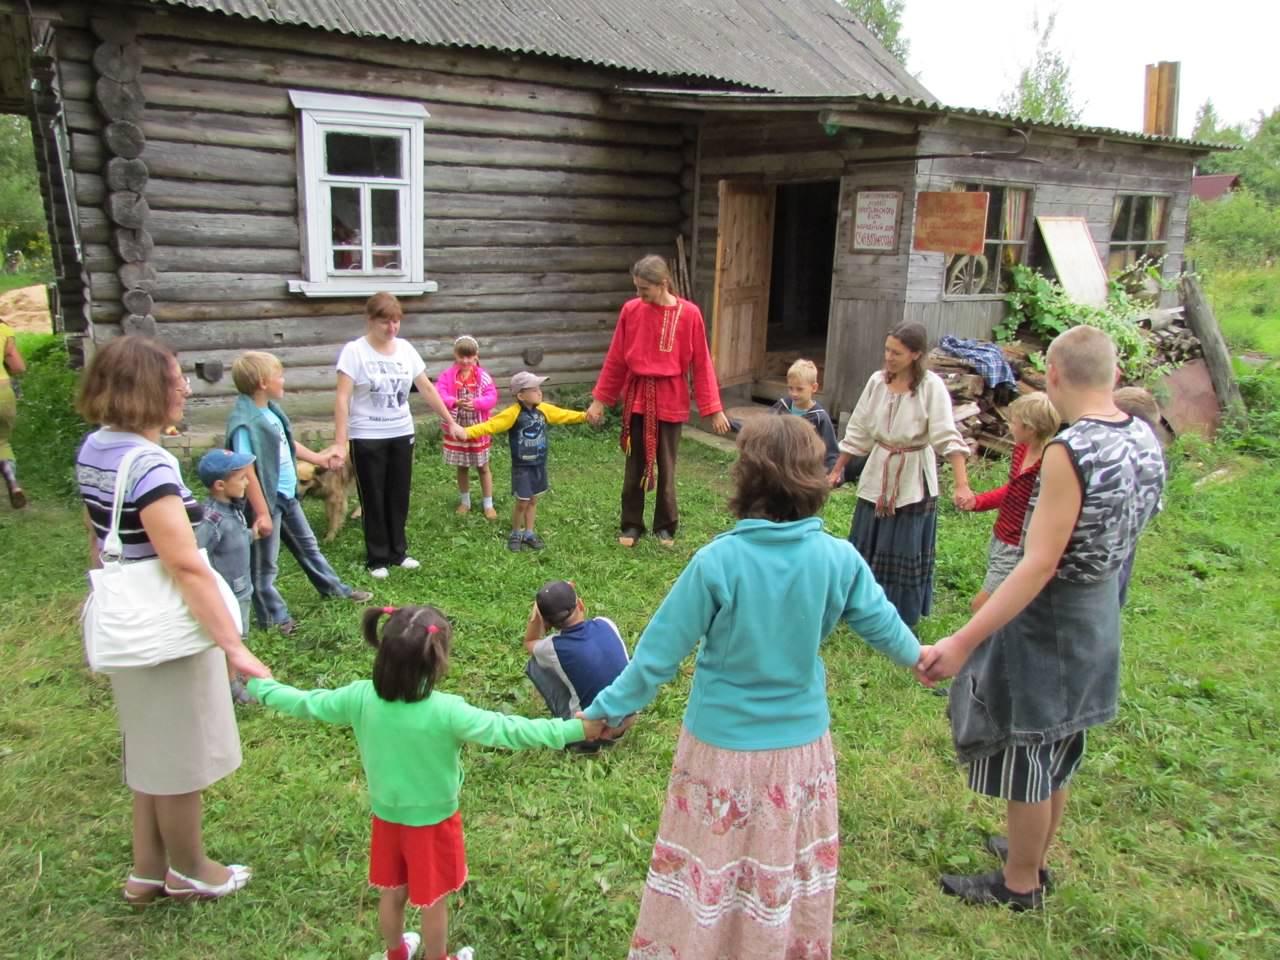 Фото детей в деревне играют